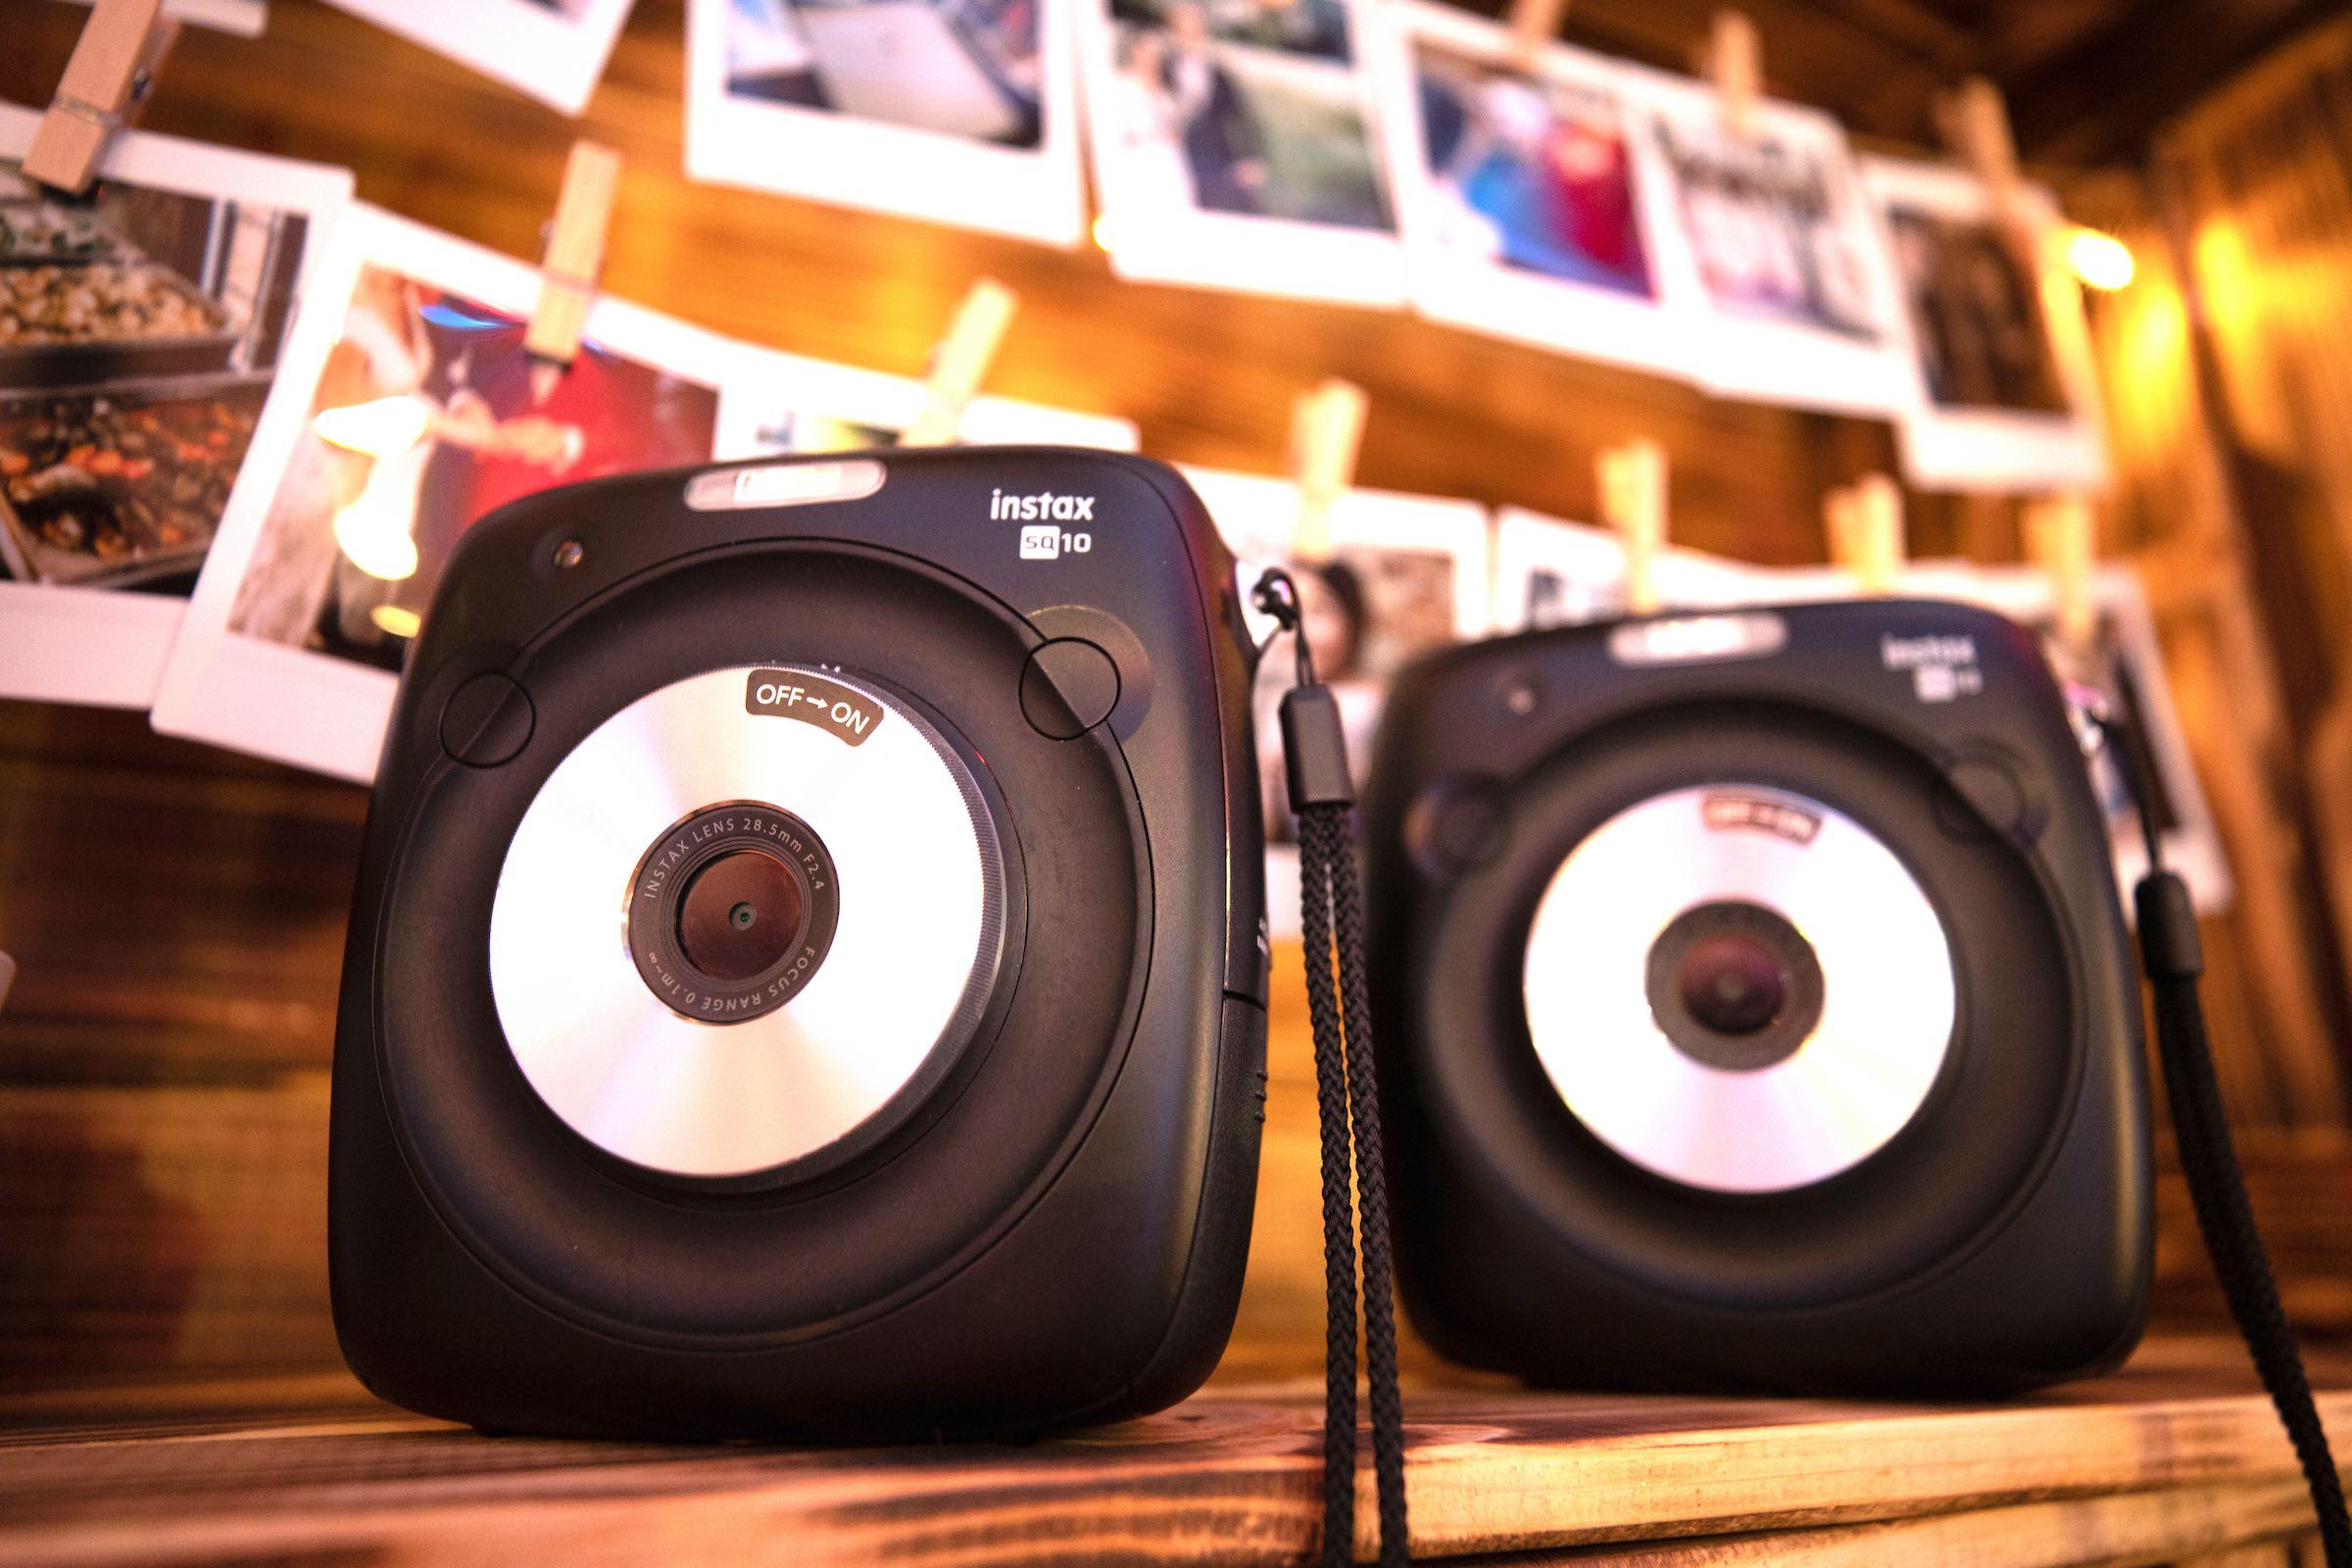 Polaroid | Kamera | Hochzeit | Polaroid | Set | Koffer | Instax | Mieten | Anfragen | Buchen | Hochzeit | Event | Sofortbildkamera | Versand | Lieferung | Knipsel